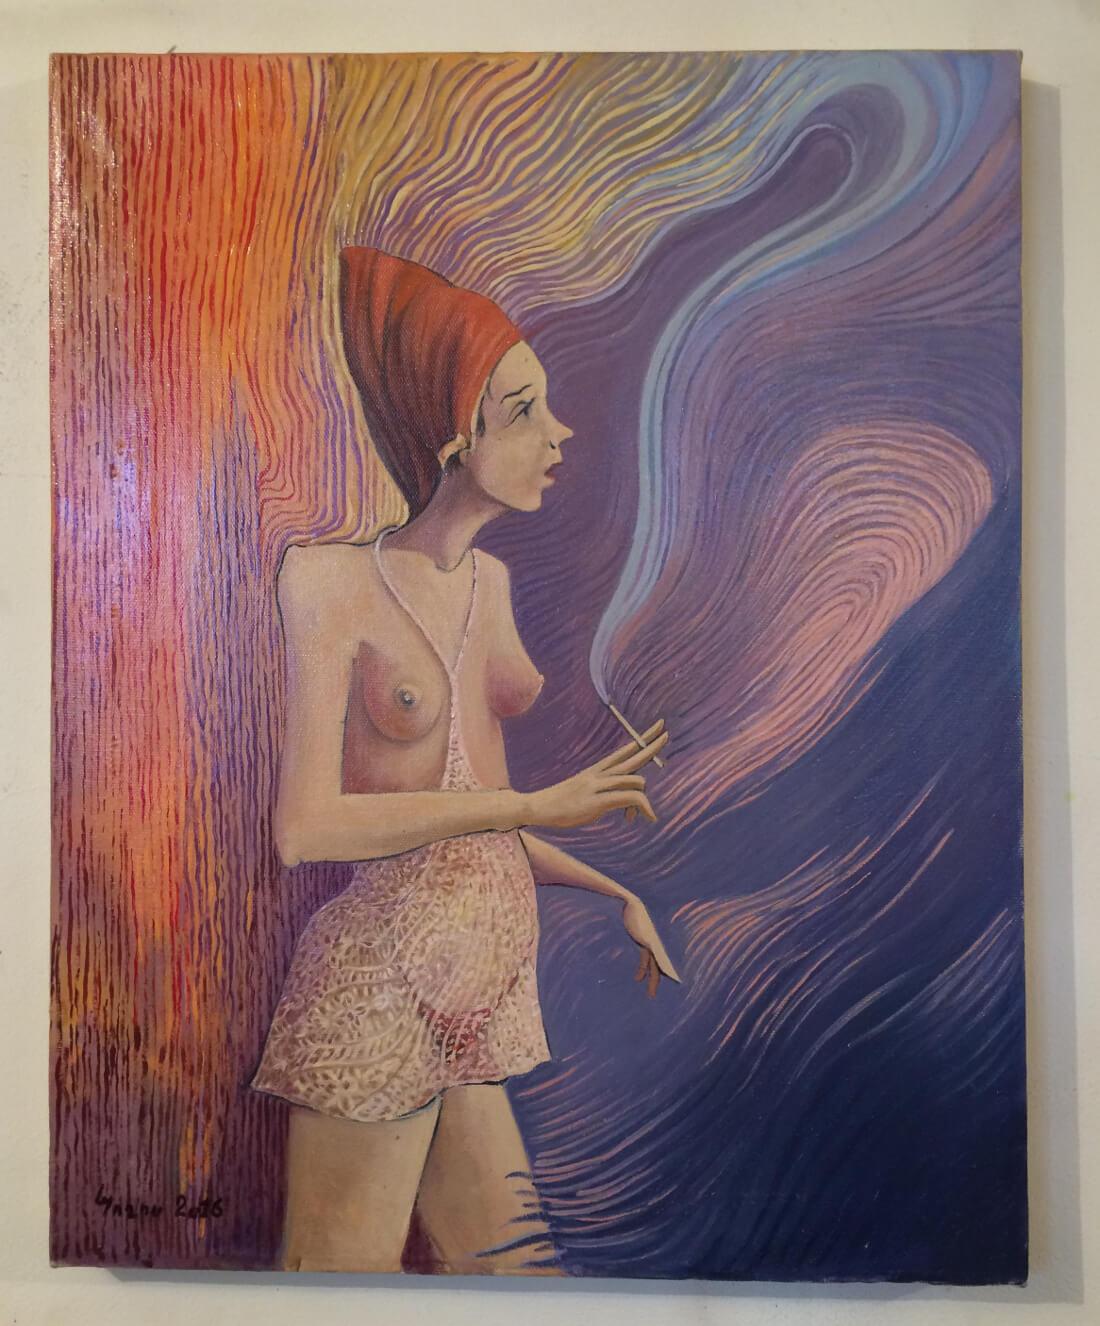 Ծխող կինը։ Հեղինակ՝ Պողոս Պետրոսյան